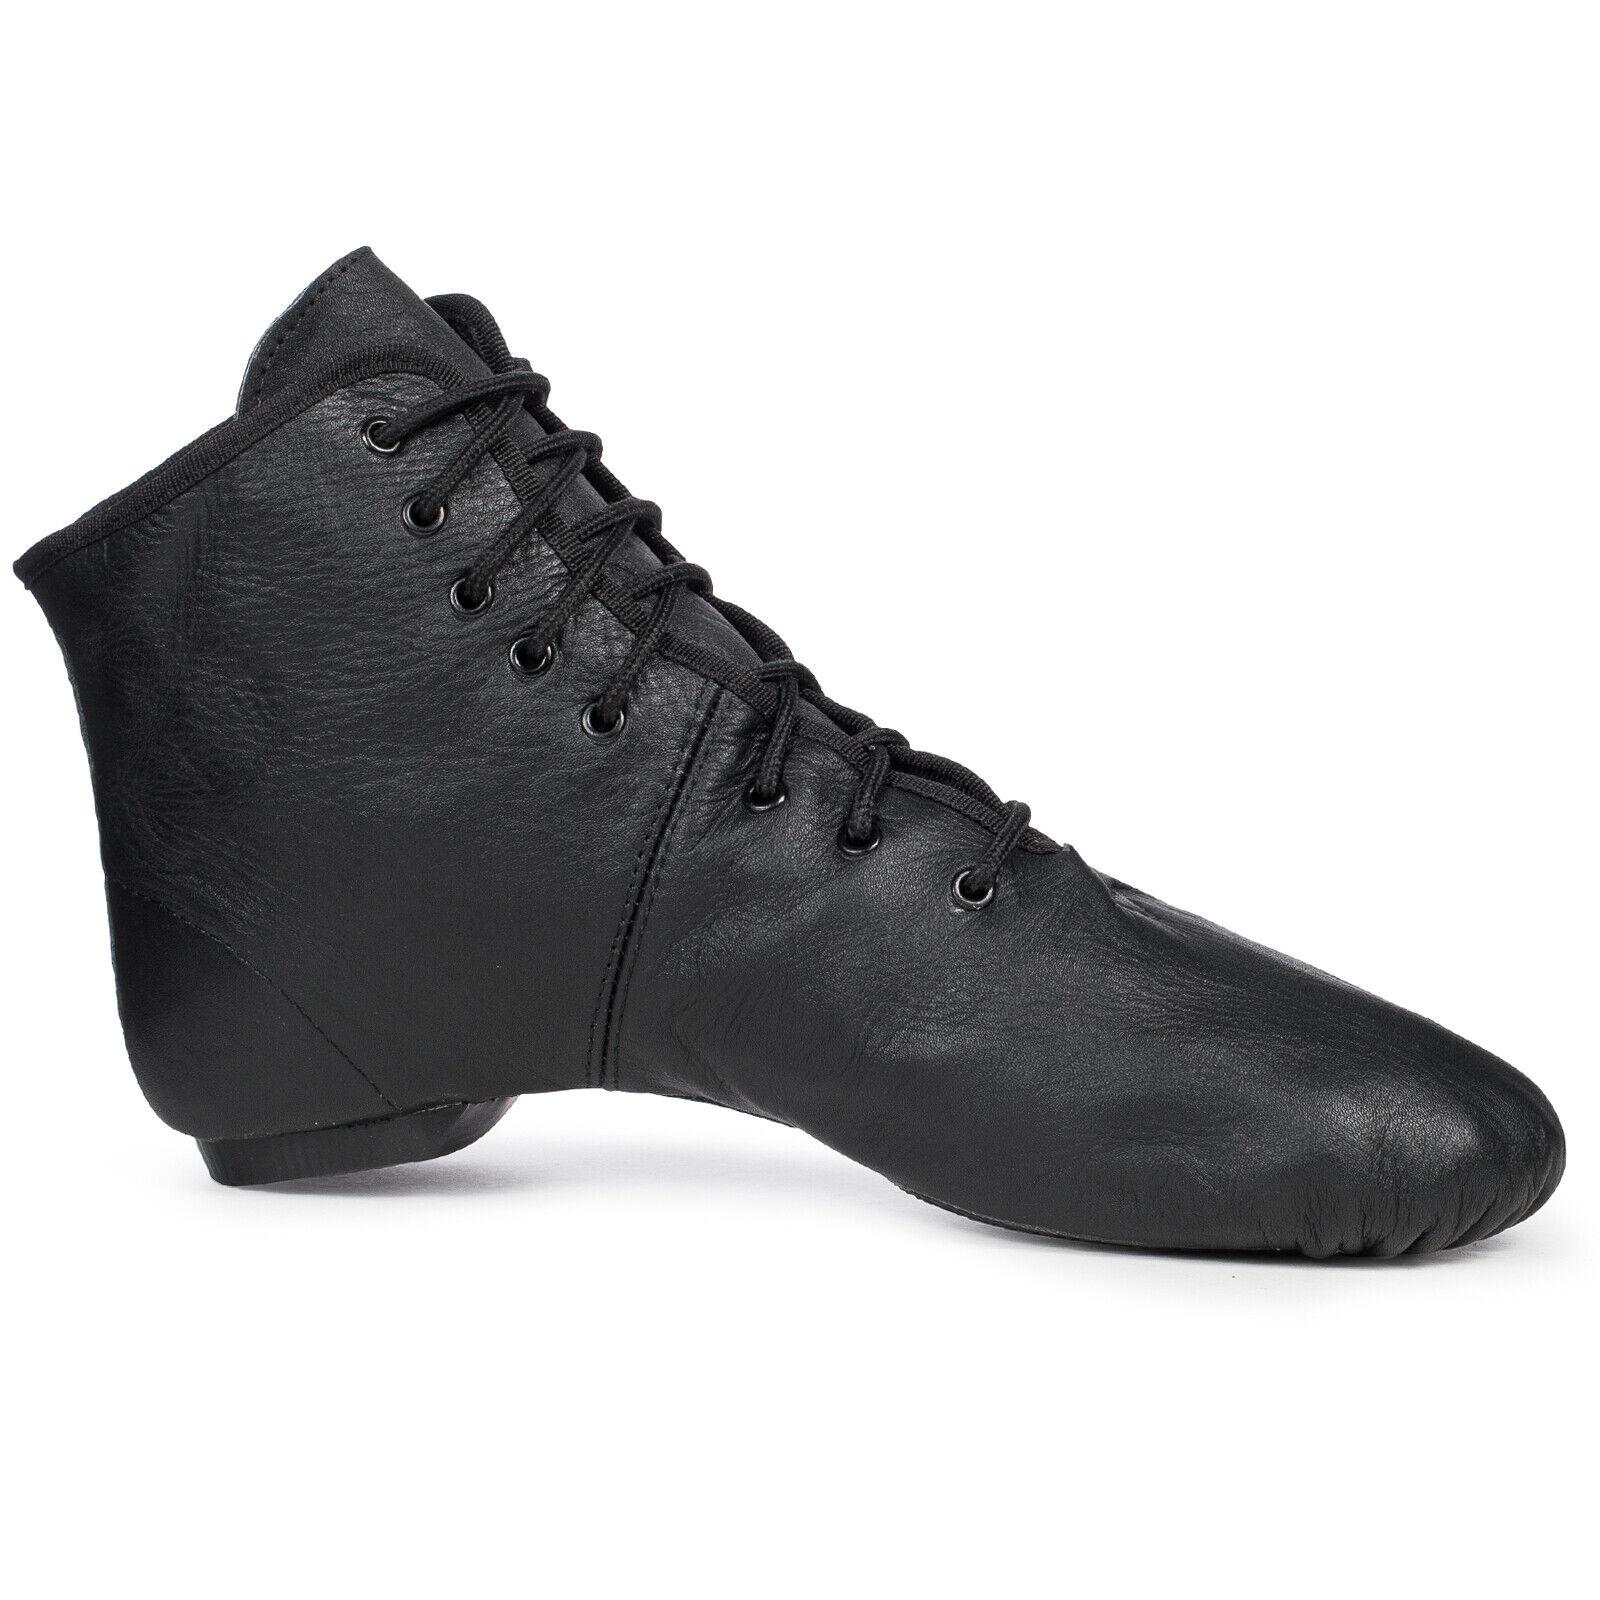 Gardestiefel Tanzstiefel Viva Dance (Leder, geteilte Gummisohle, schwarz, weiss)